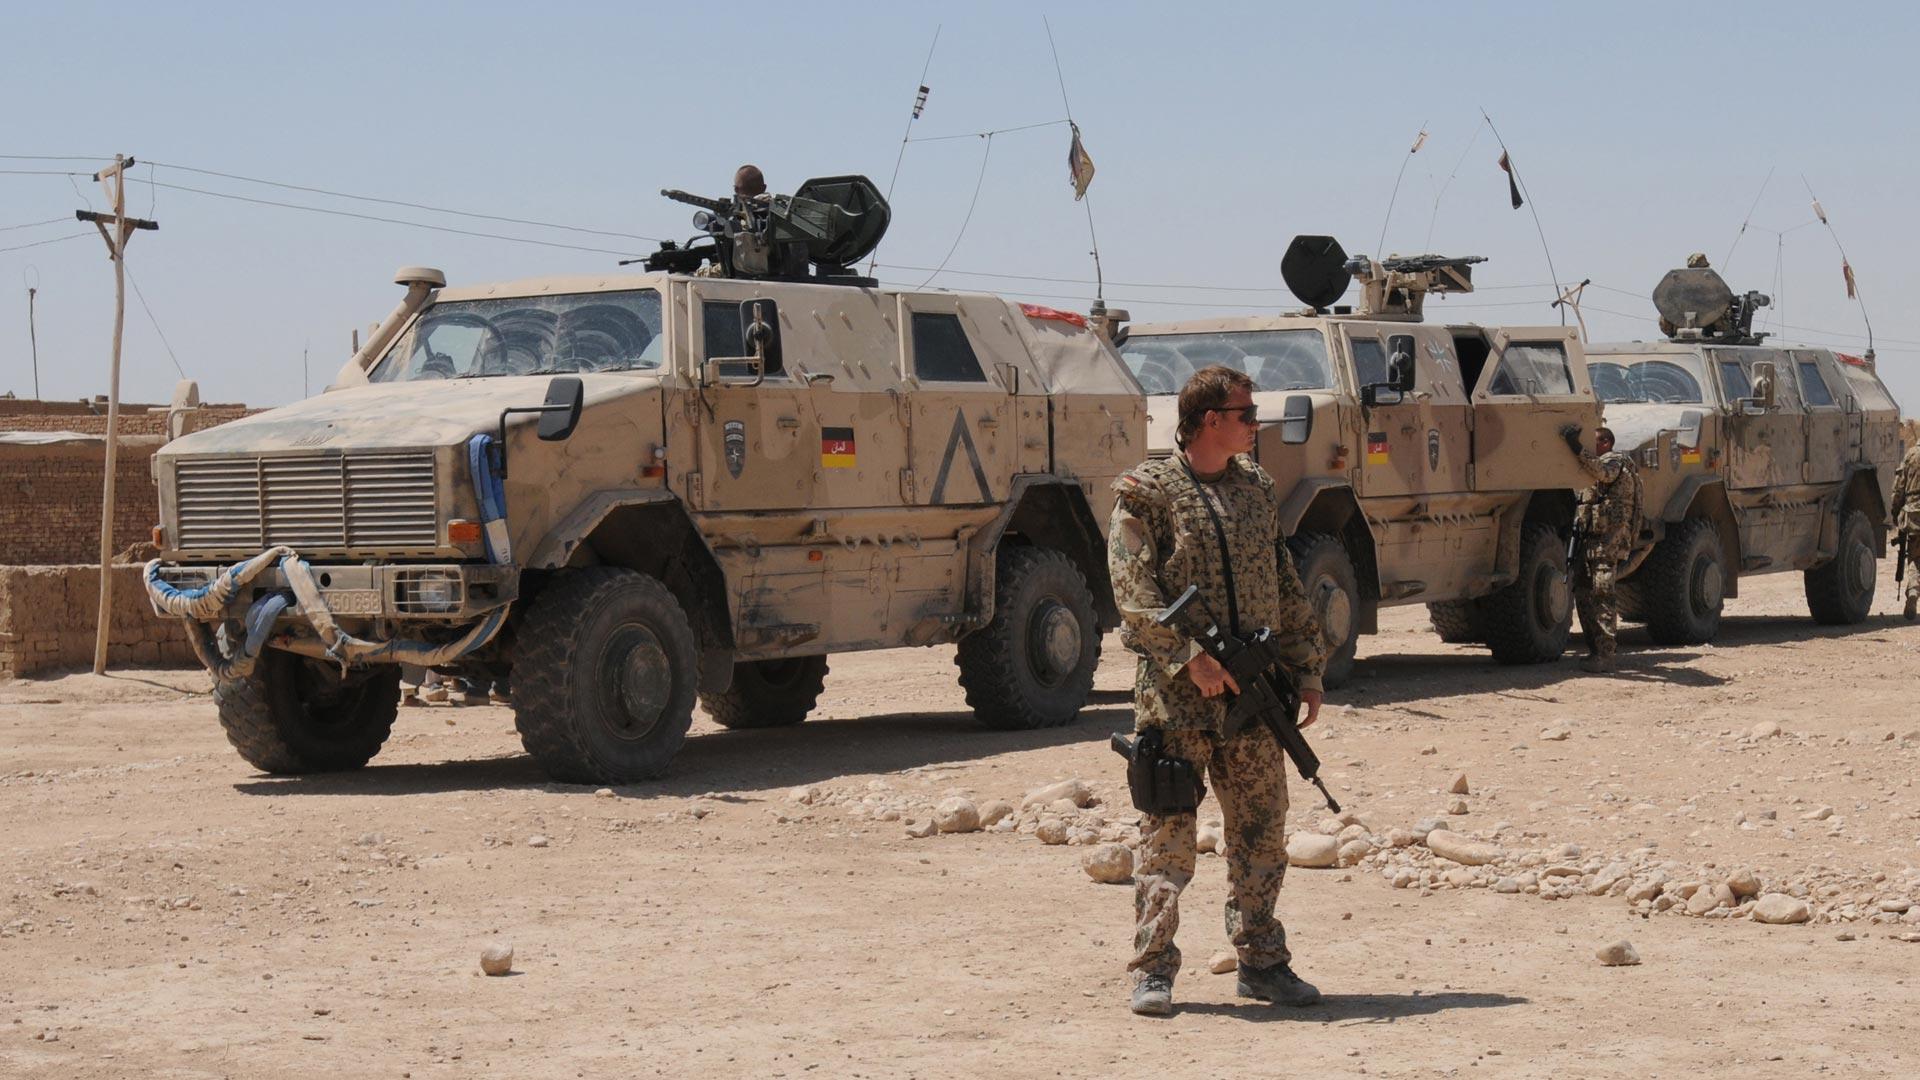 En el país se encuentran cerca de 870 soldados encargados de formar y asesorar a las fuerzas locales